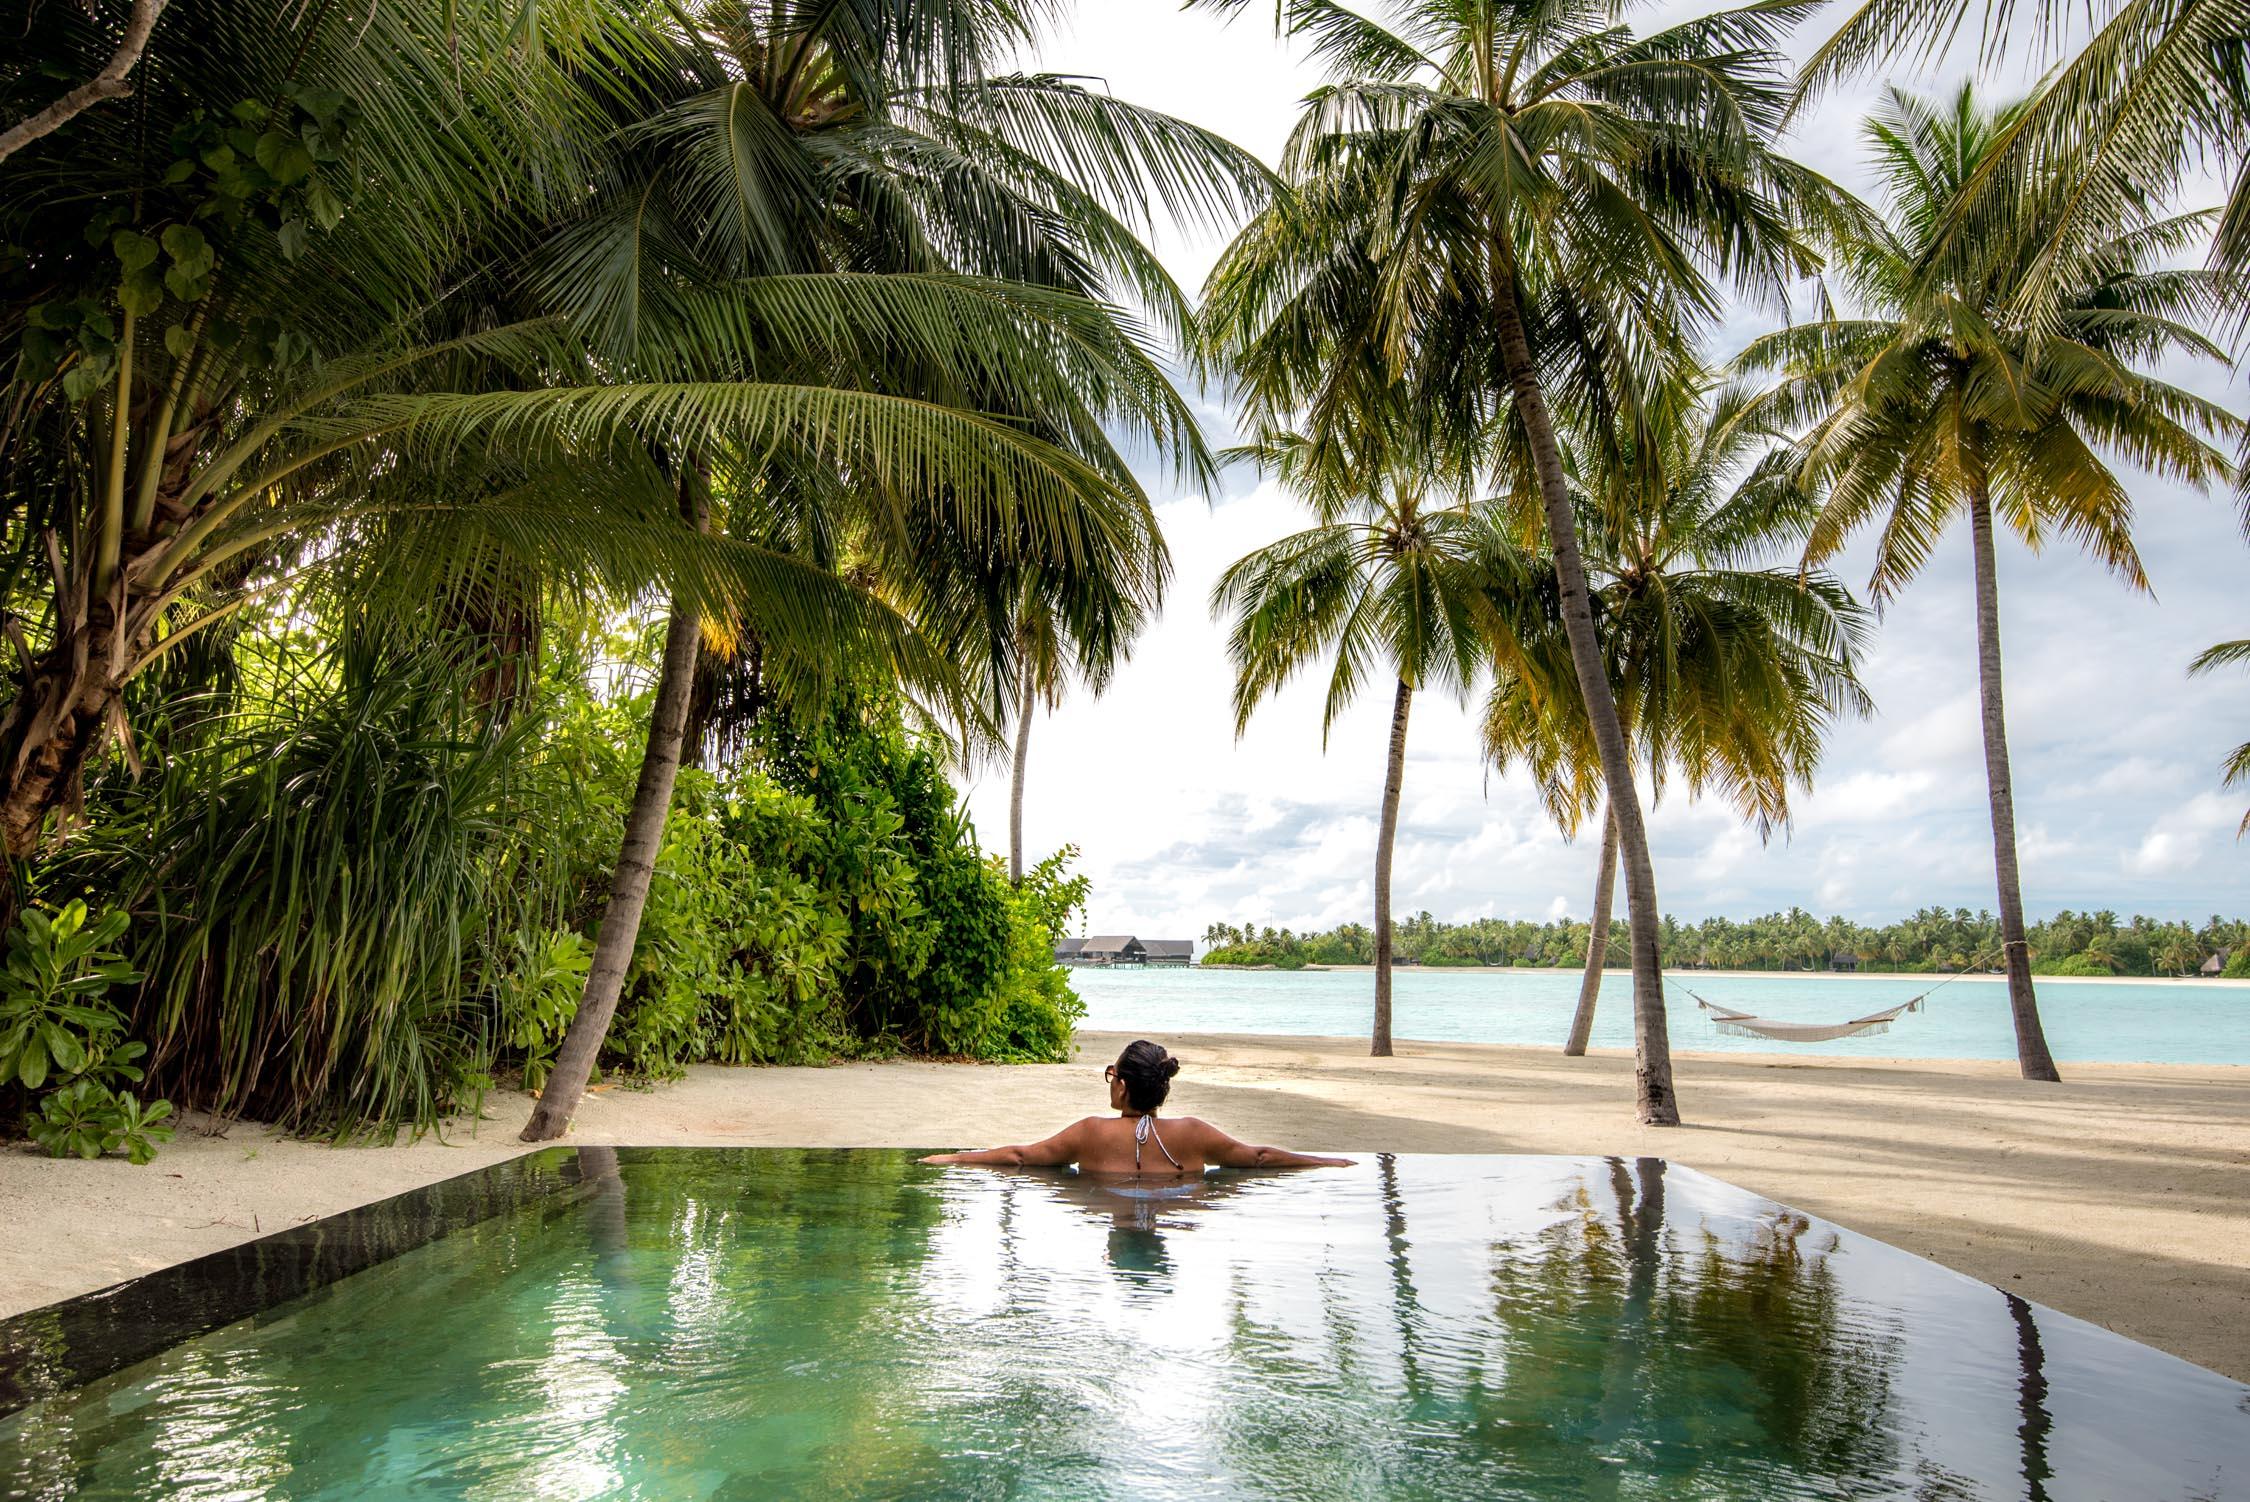 Maldives_Reethi-Rah-92-20170519.jpg